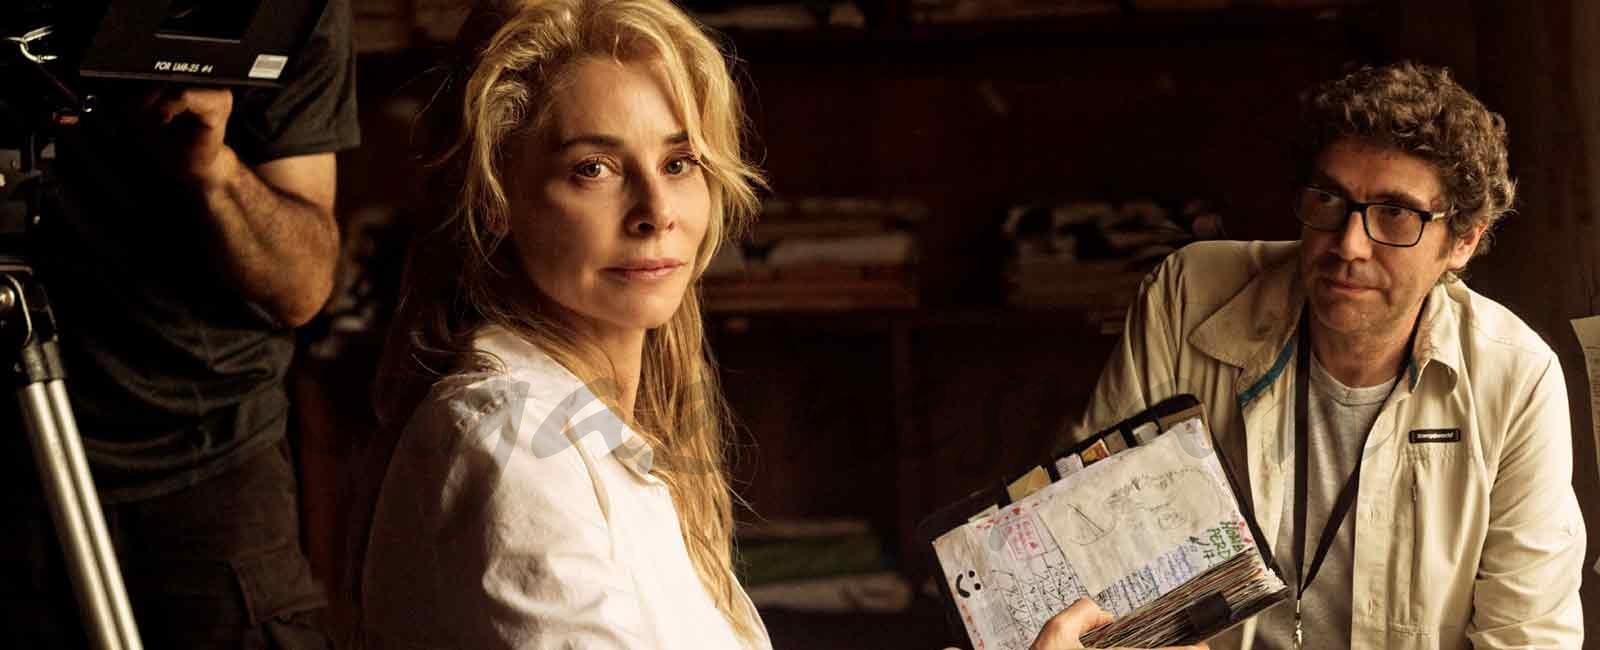 Belén Rueda vuelve a la gran pantalla con «El cuaderno de Sara»